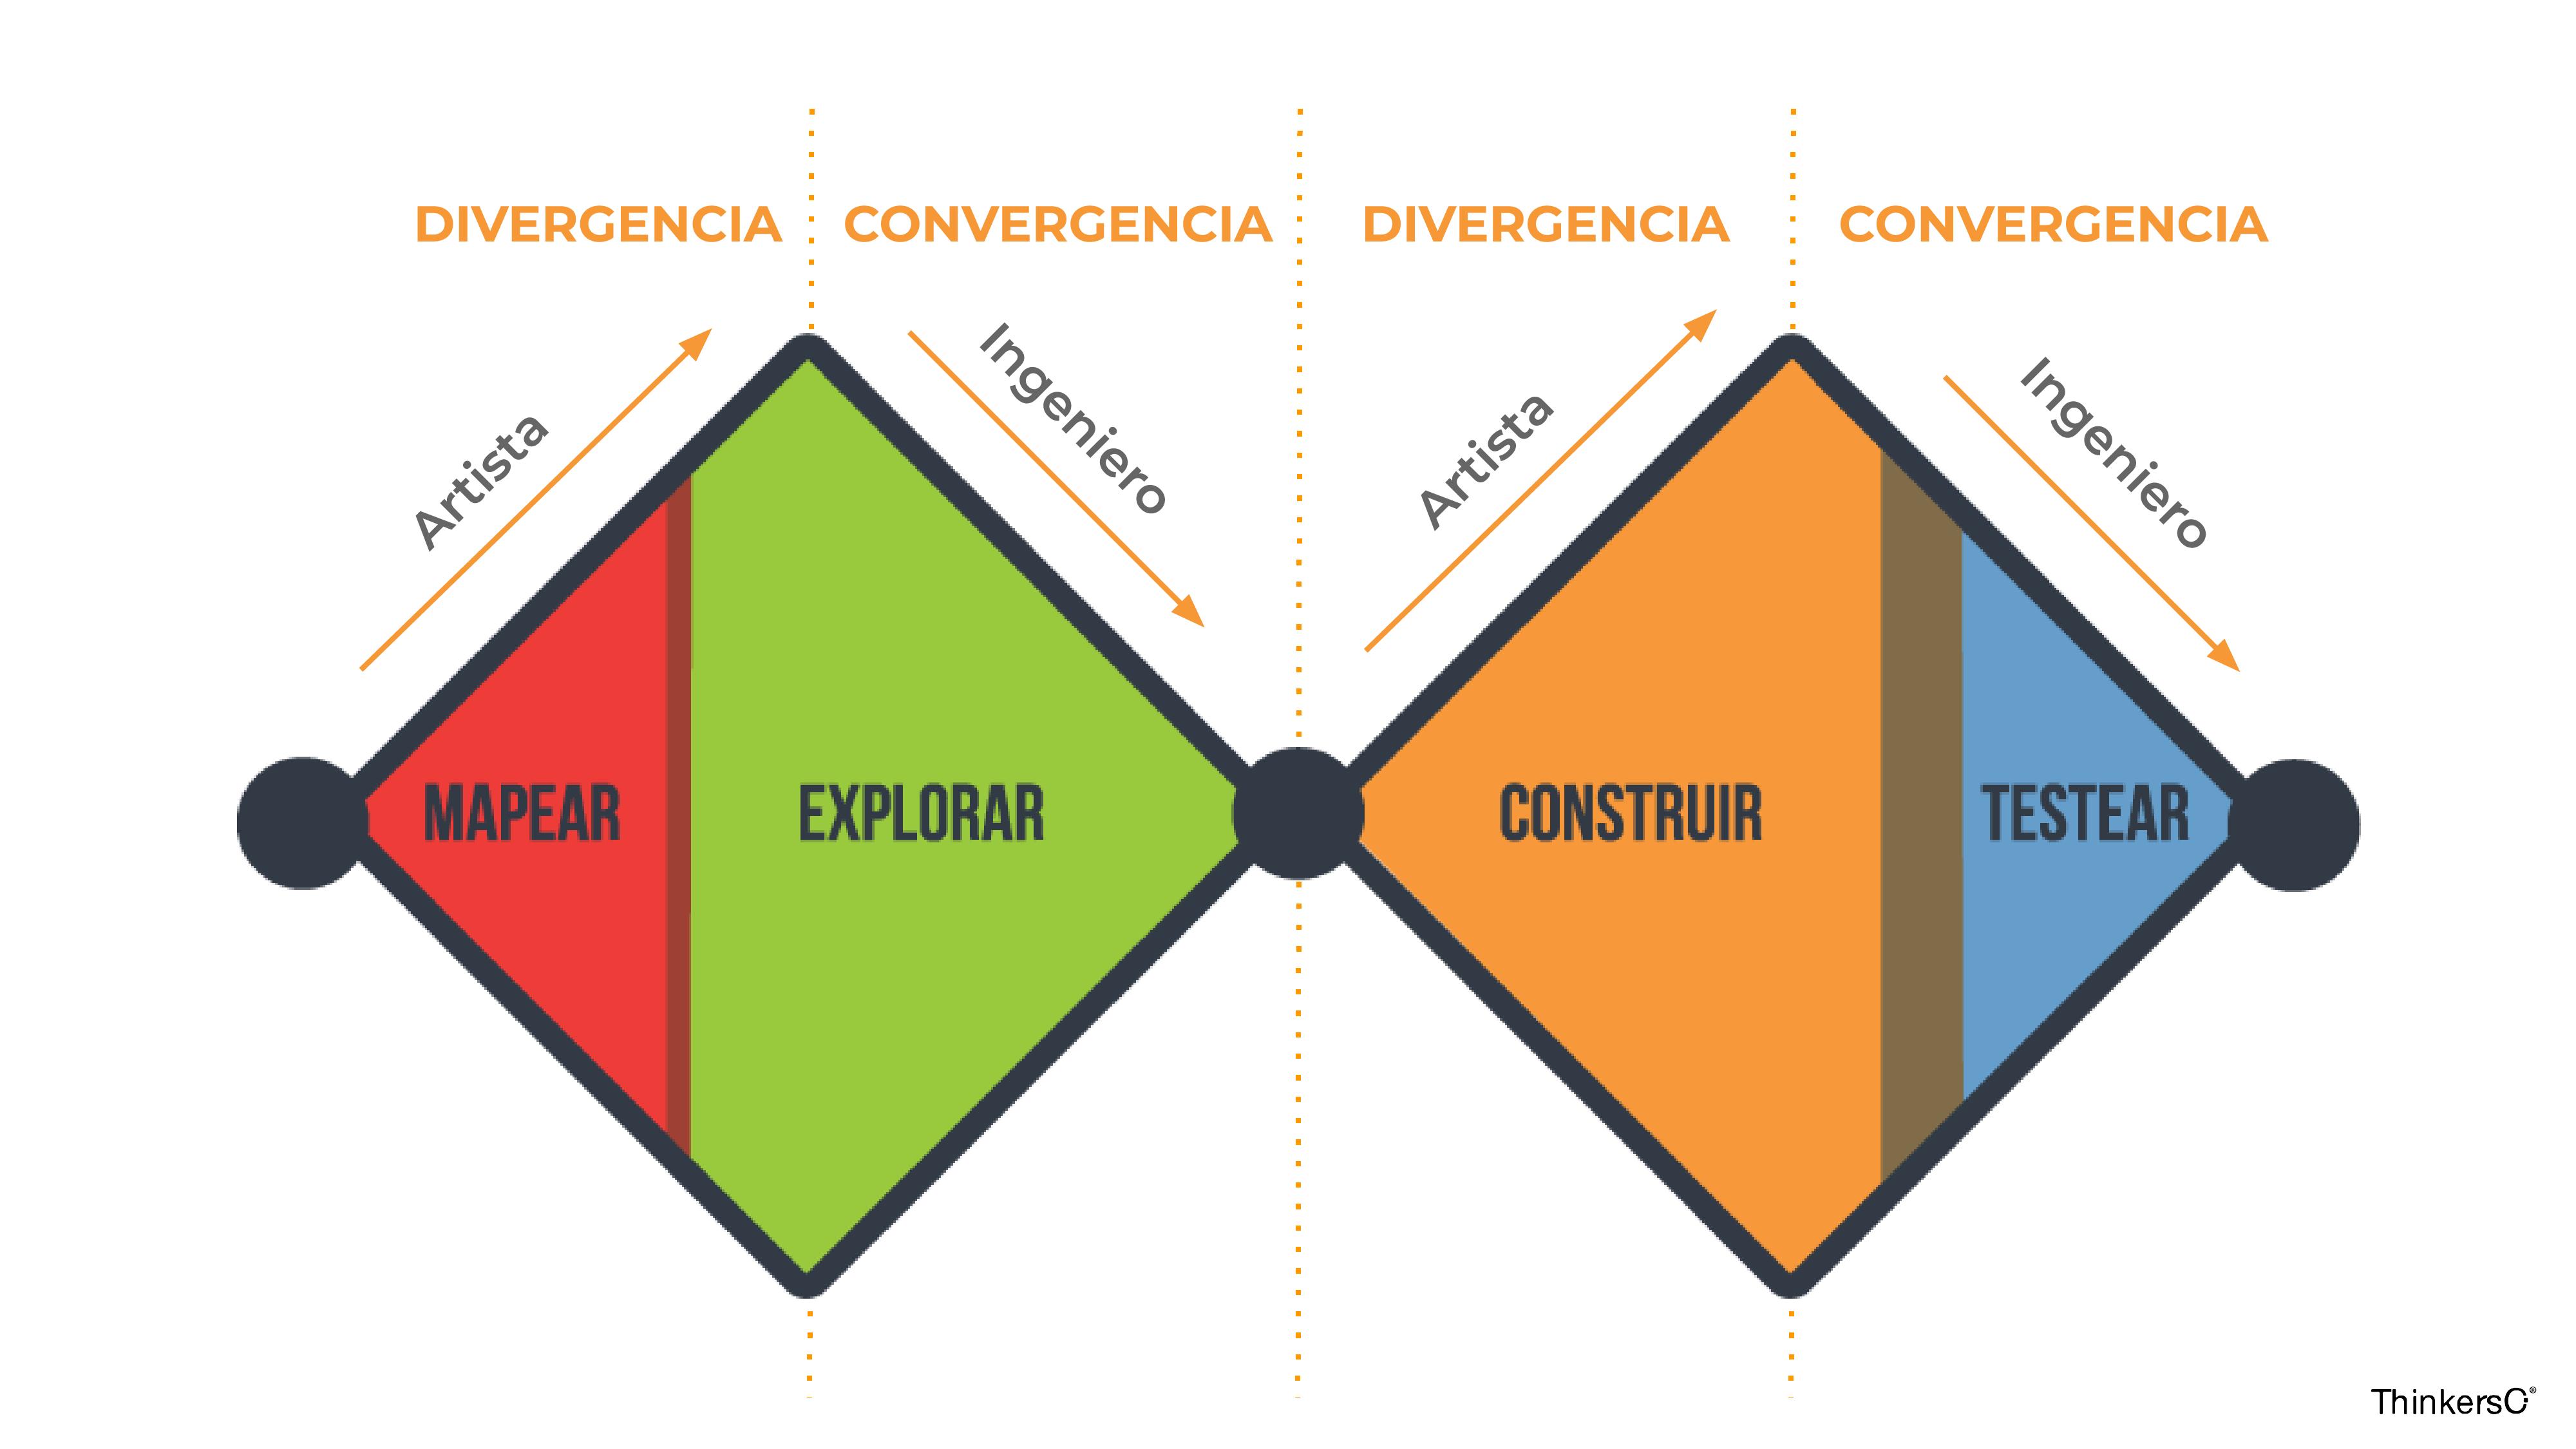 gráfico del doble rombo del pensamiento de diseño con sus 4 fases y los momentos de divergencia (mapear y construir) y convergencia (explorar y probar)